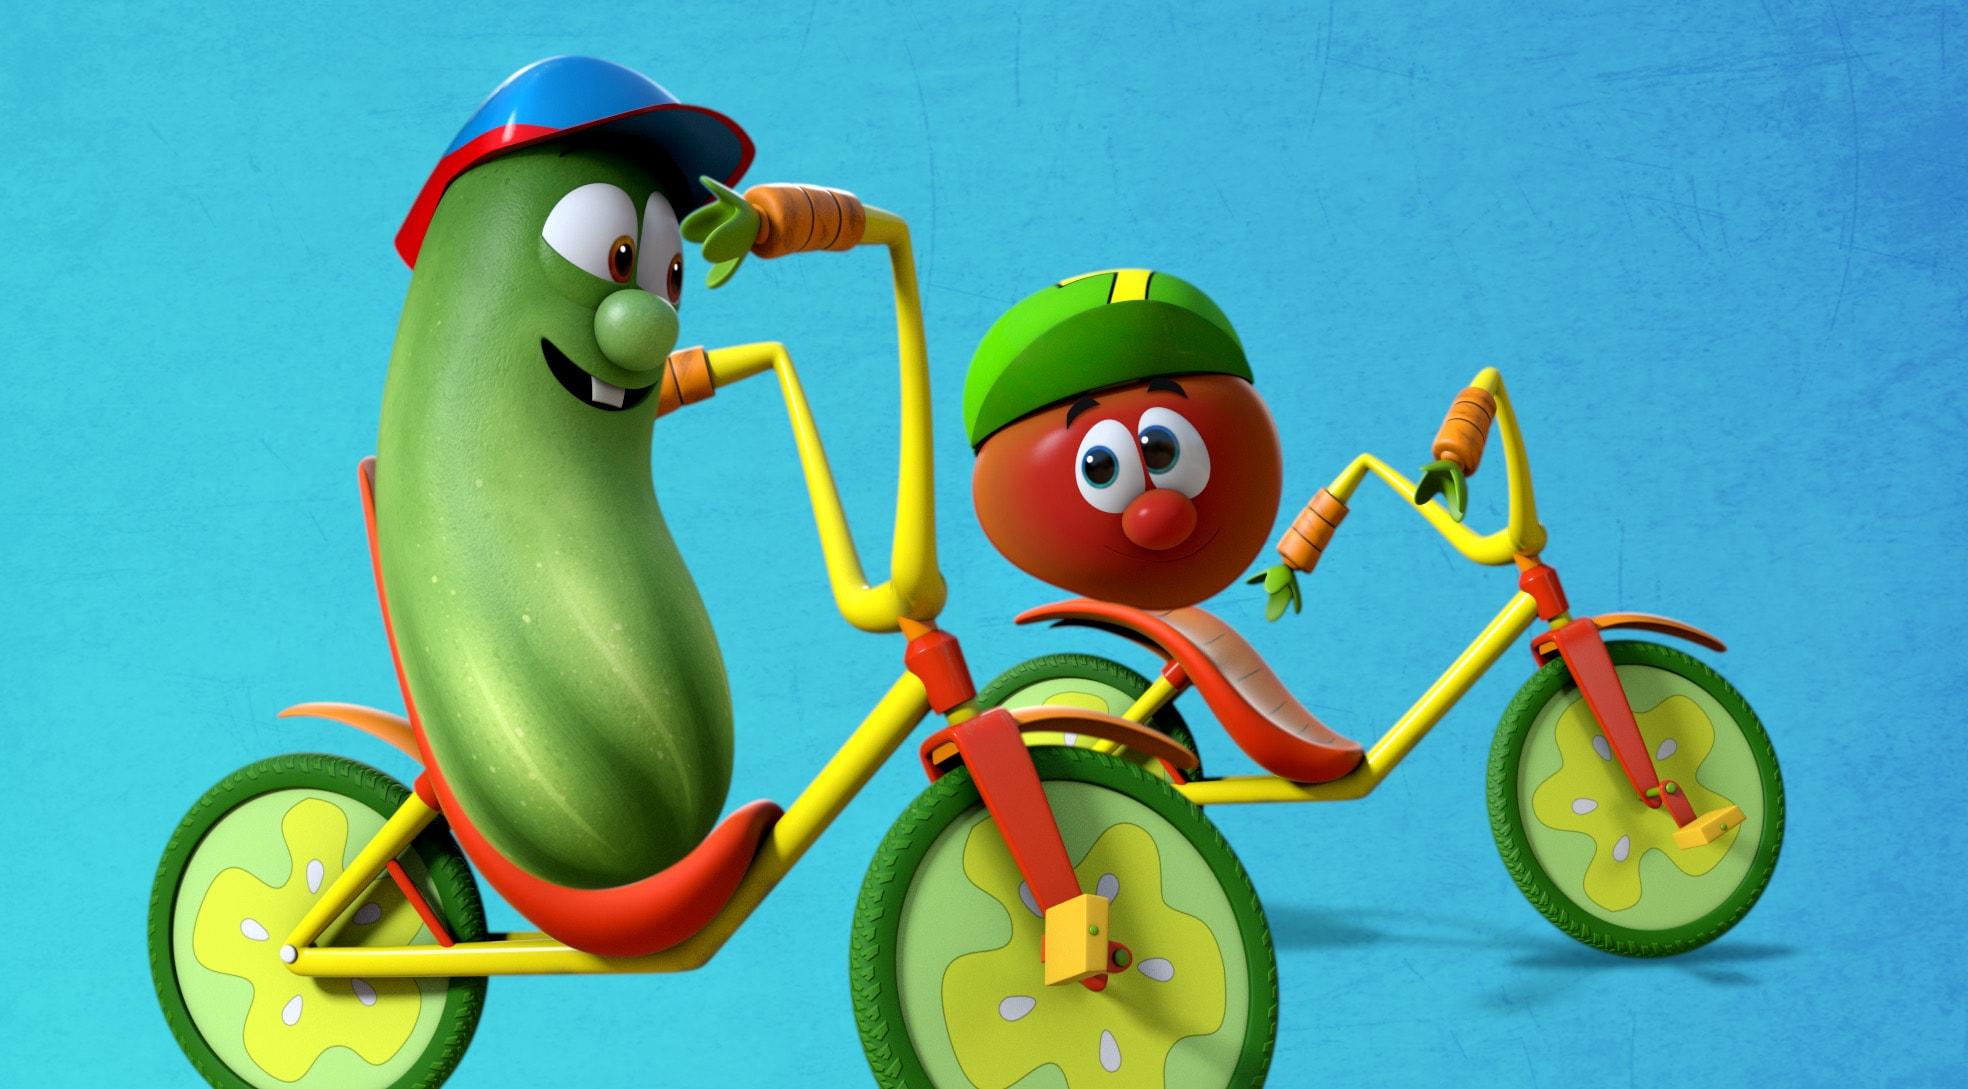 Bi otroci lahko vzljubili zelenjavo s pomočjo risanke?